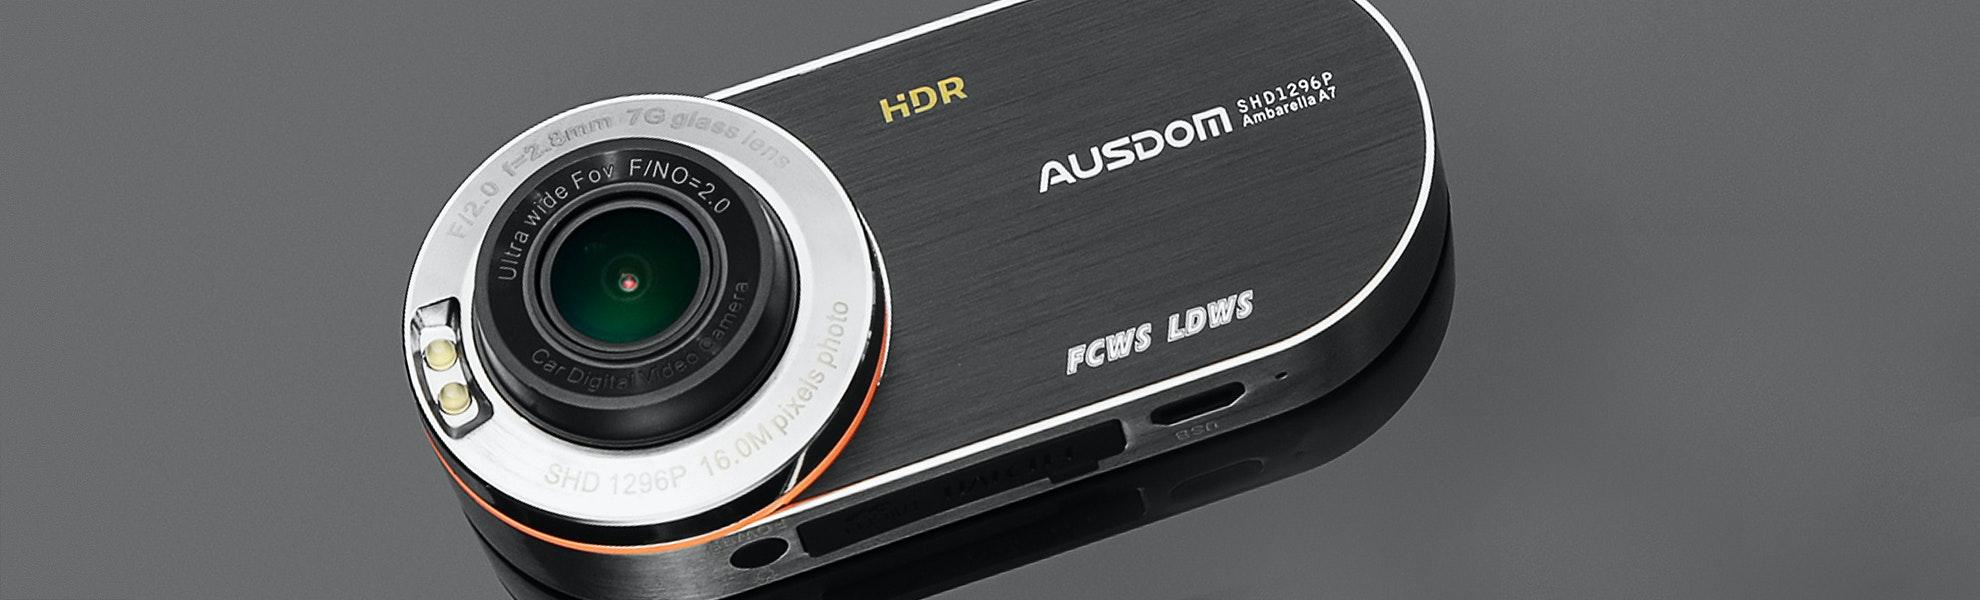 AUSDOM AD260 Dash Camera